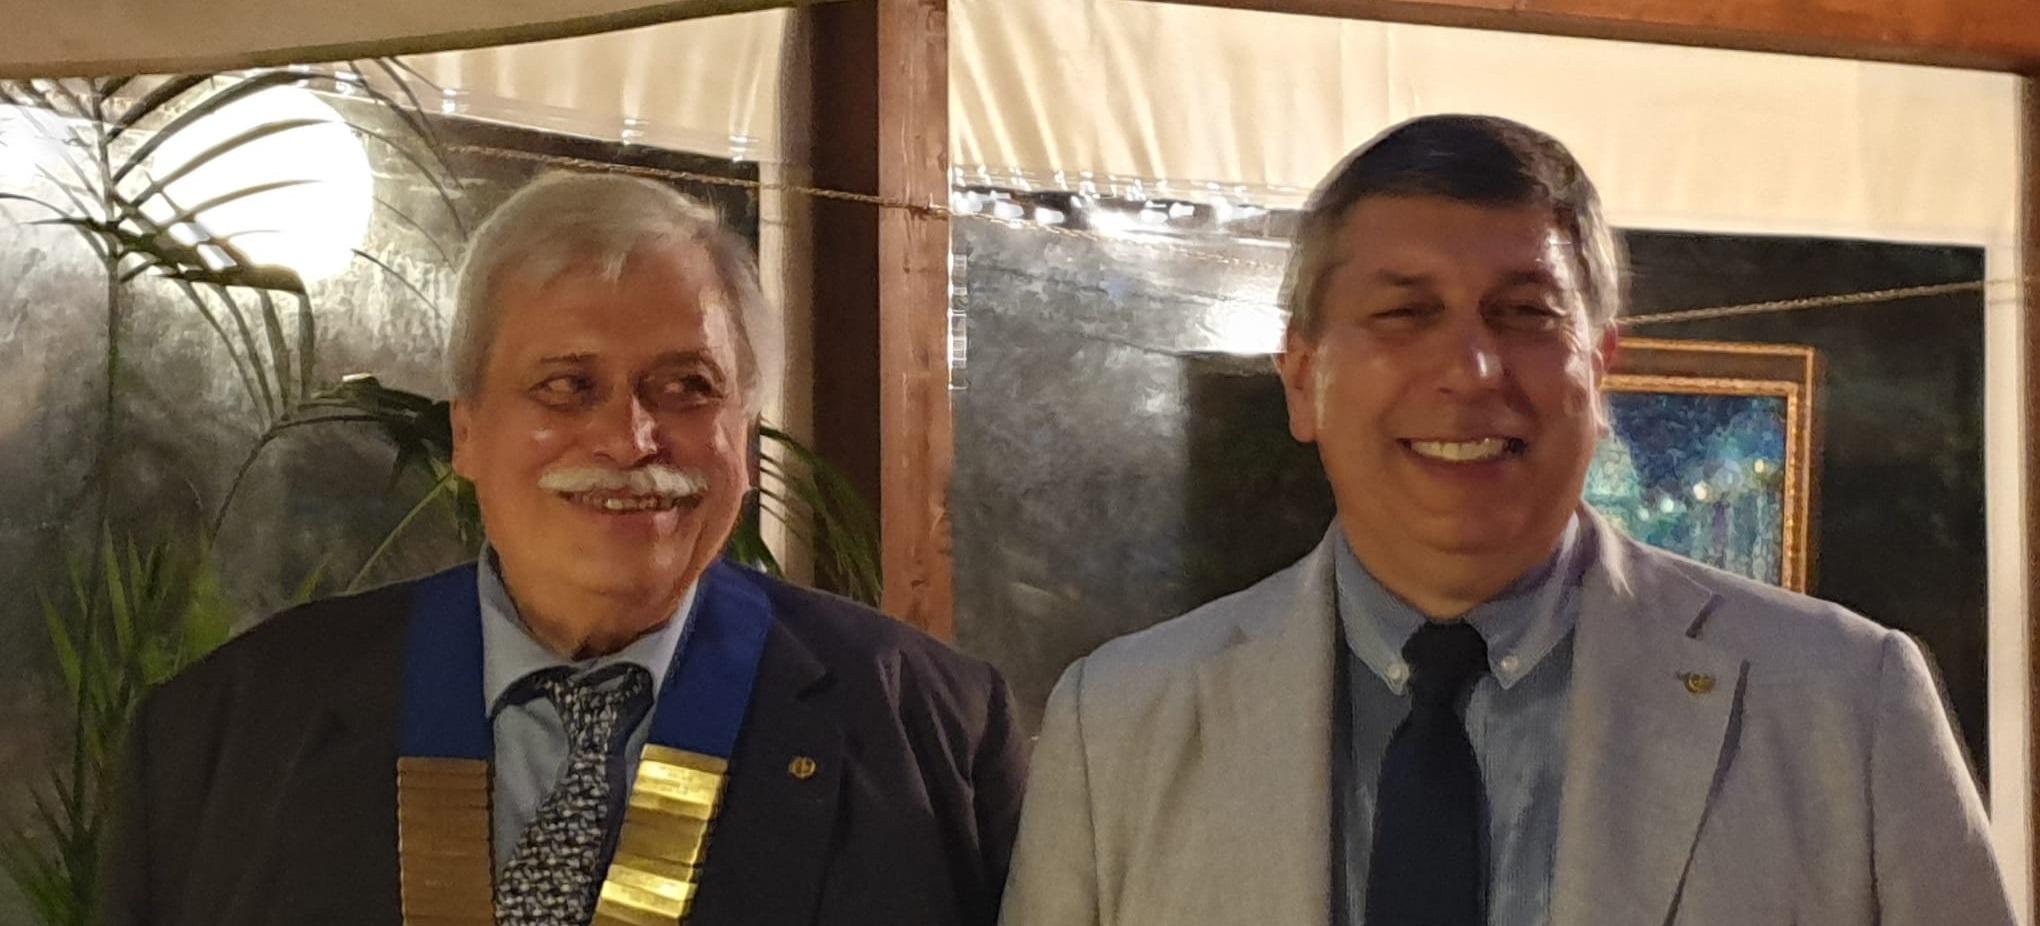 Boreham e Antonetti tagliata 2020